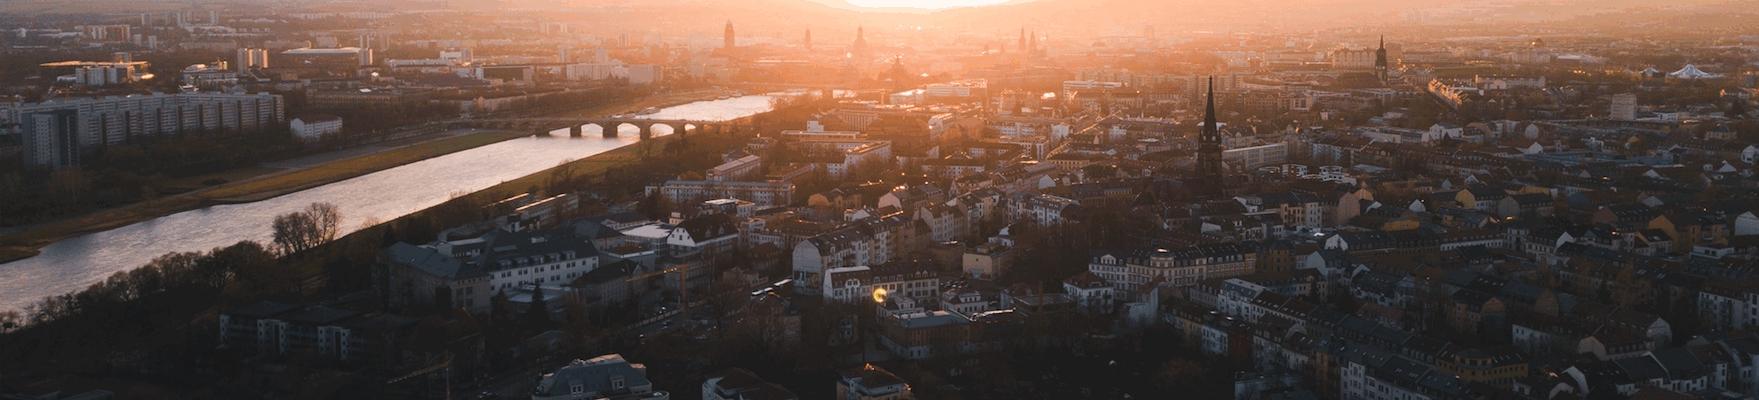 Lustige Stadtrundfahrt in sächischer Mundart Dresden 7.9.